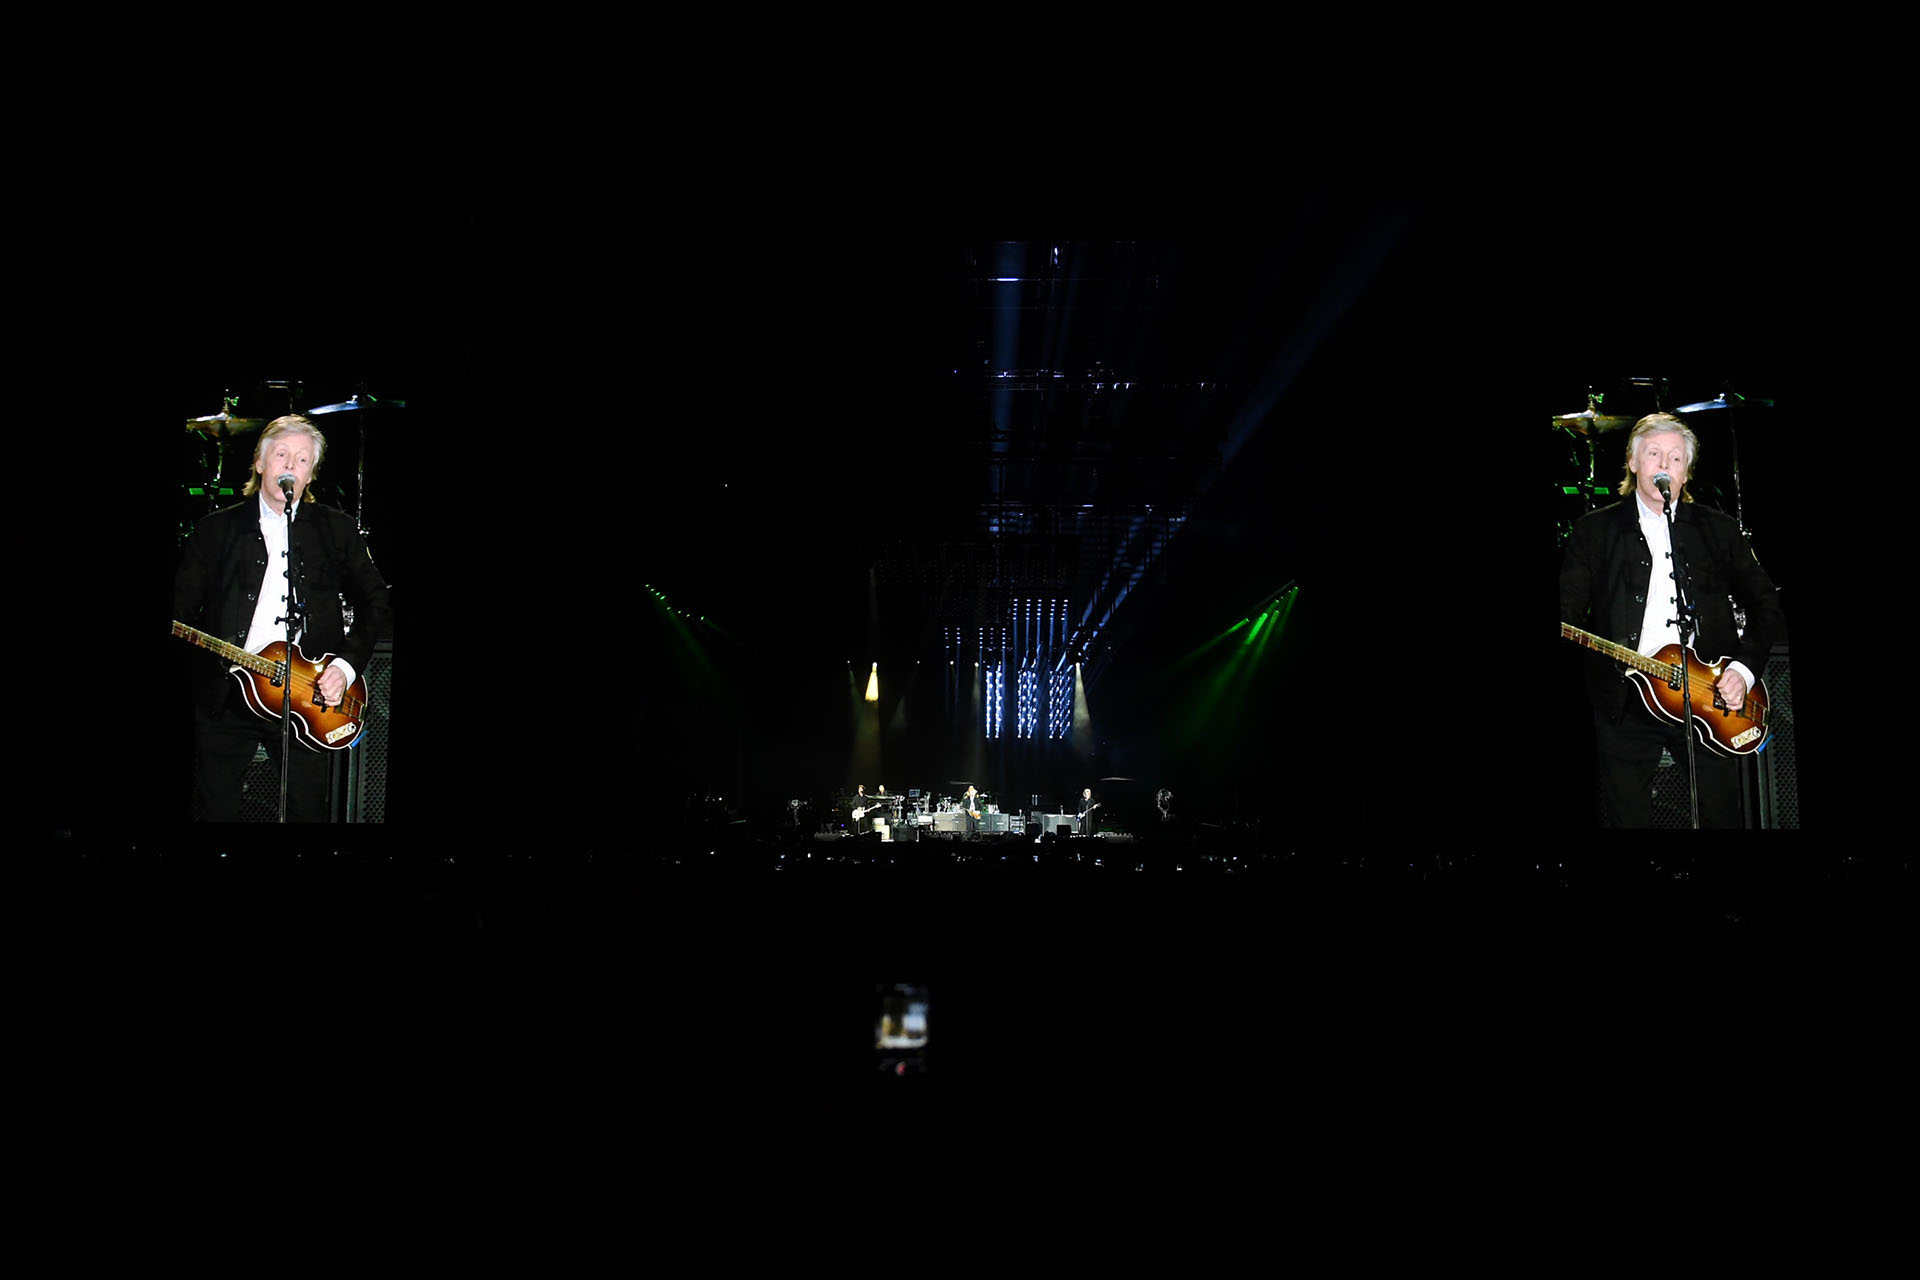 Pantallas gigantes a ambos lados del escenario permitieron ver desde todos los ángulos al genio de Liverpool, que tocó durante tres horas prácticamente sin interrupciones